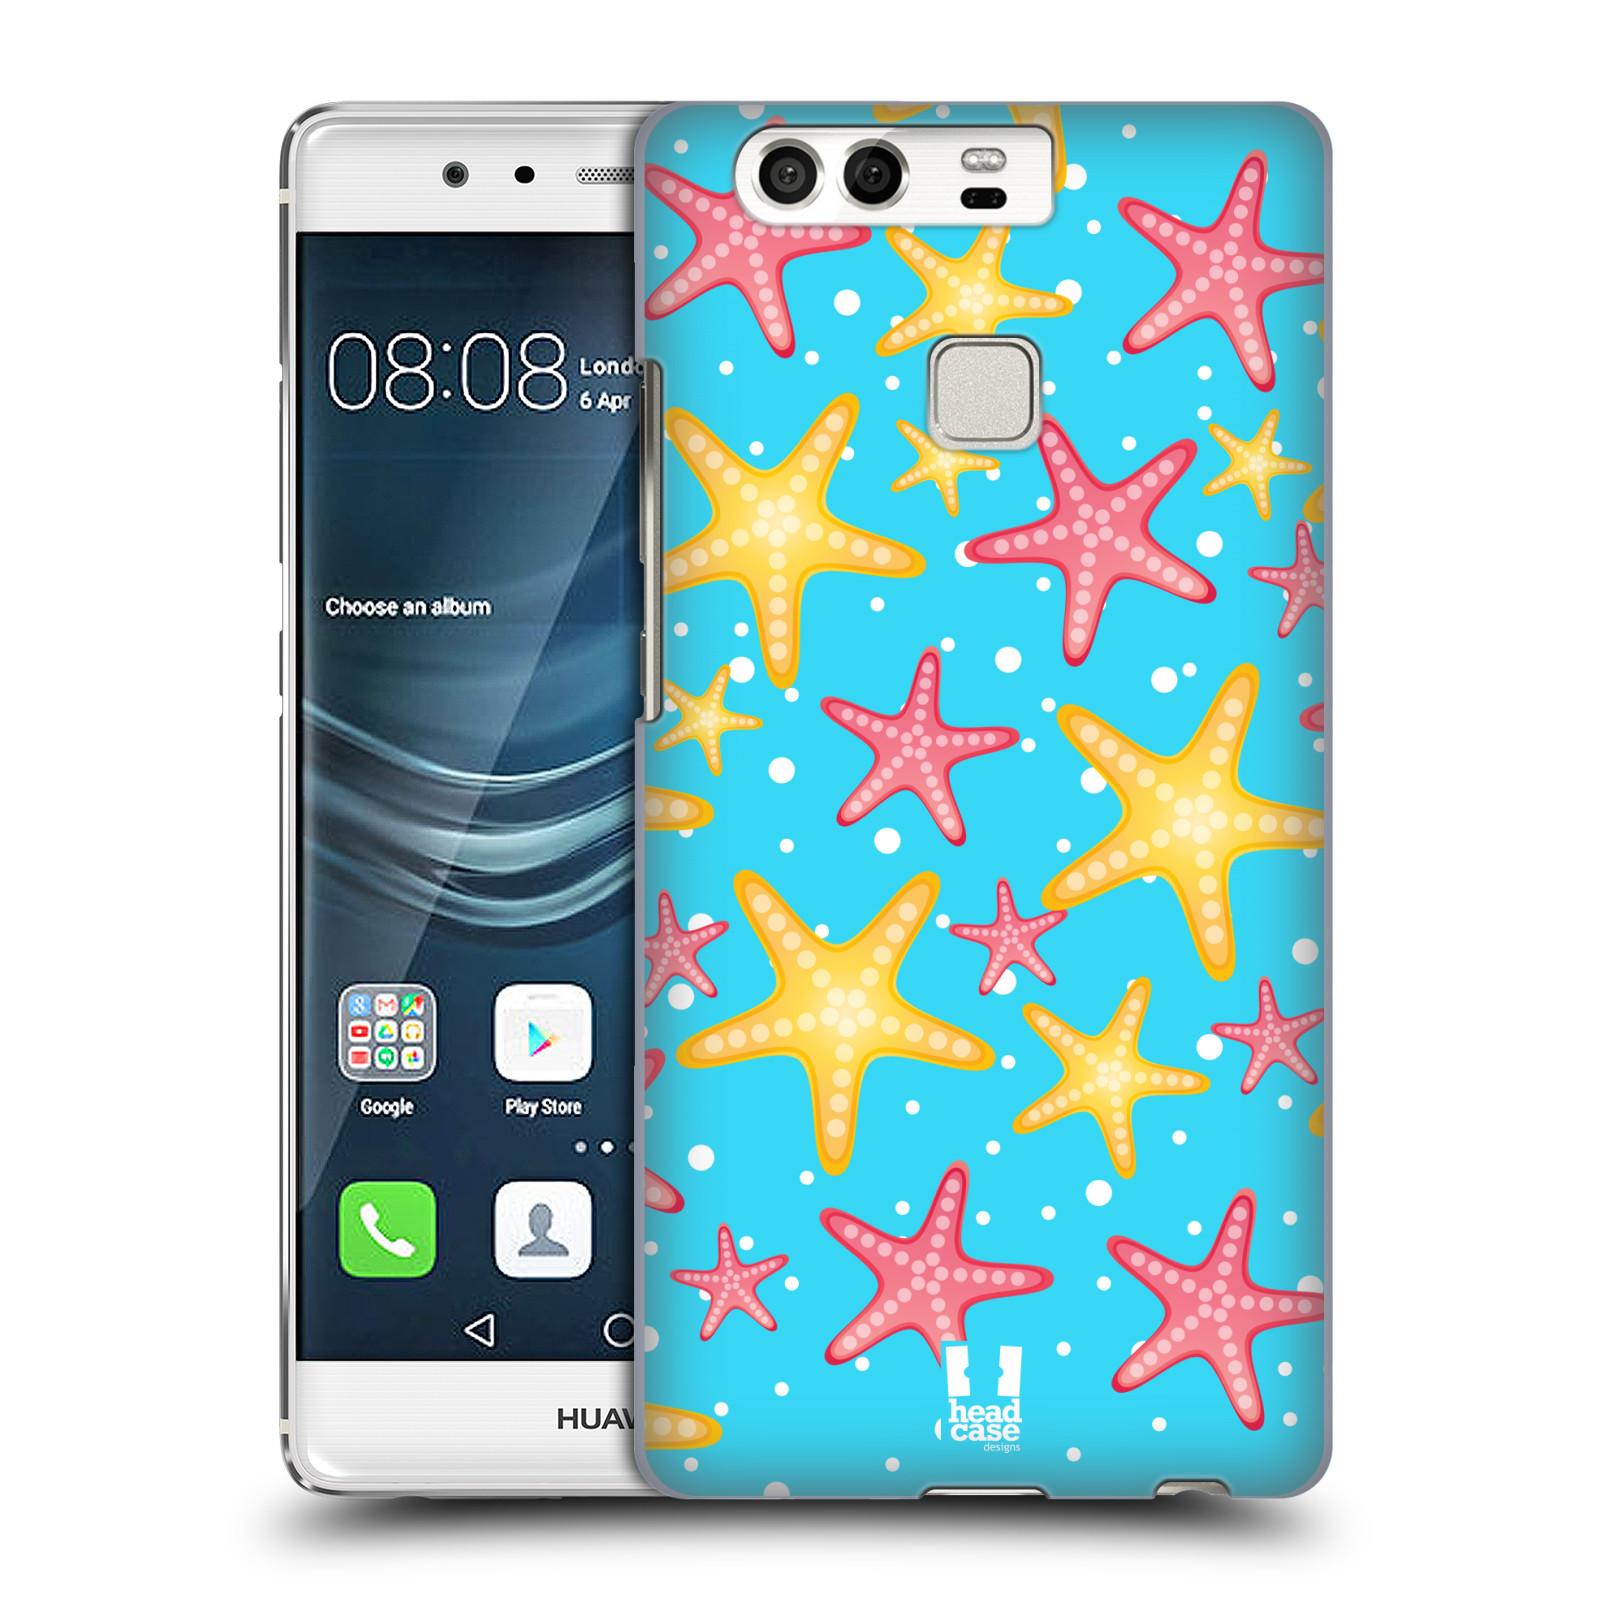 HEAD CASE plastový obal na mobil Huawei P9 / P9 DUAL SIM vzor mořský živočich hvězda